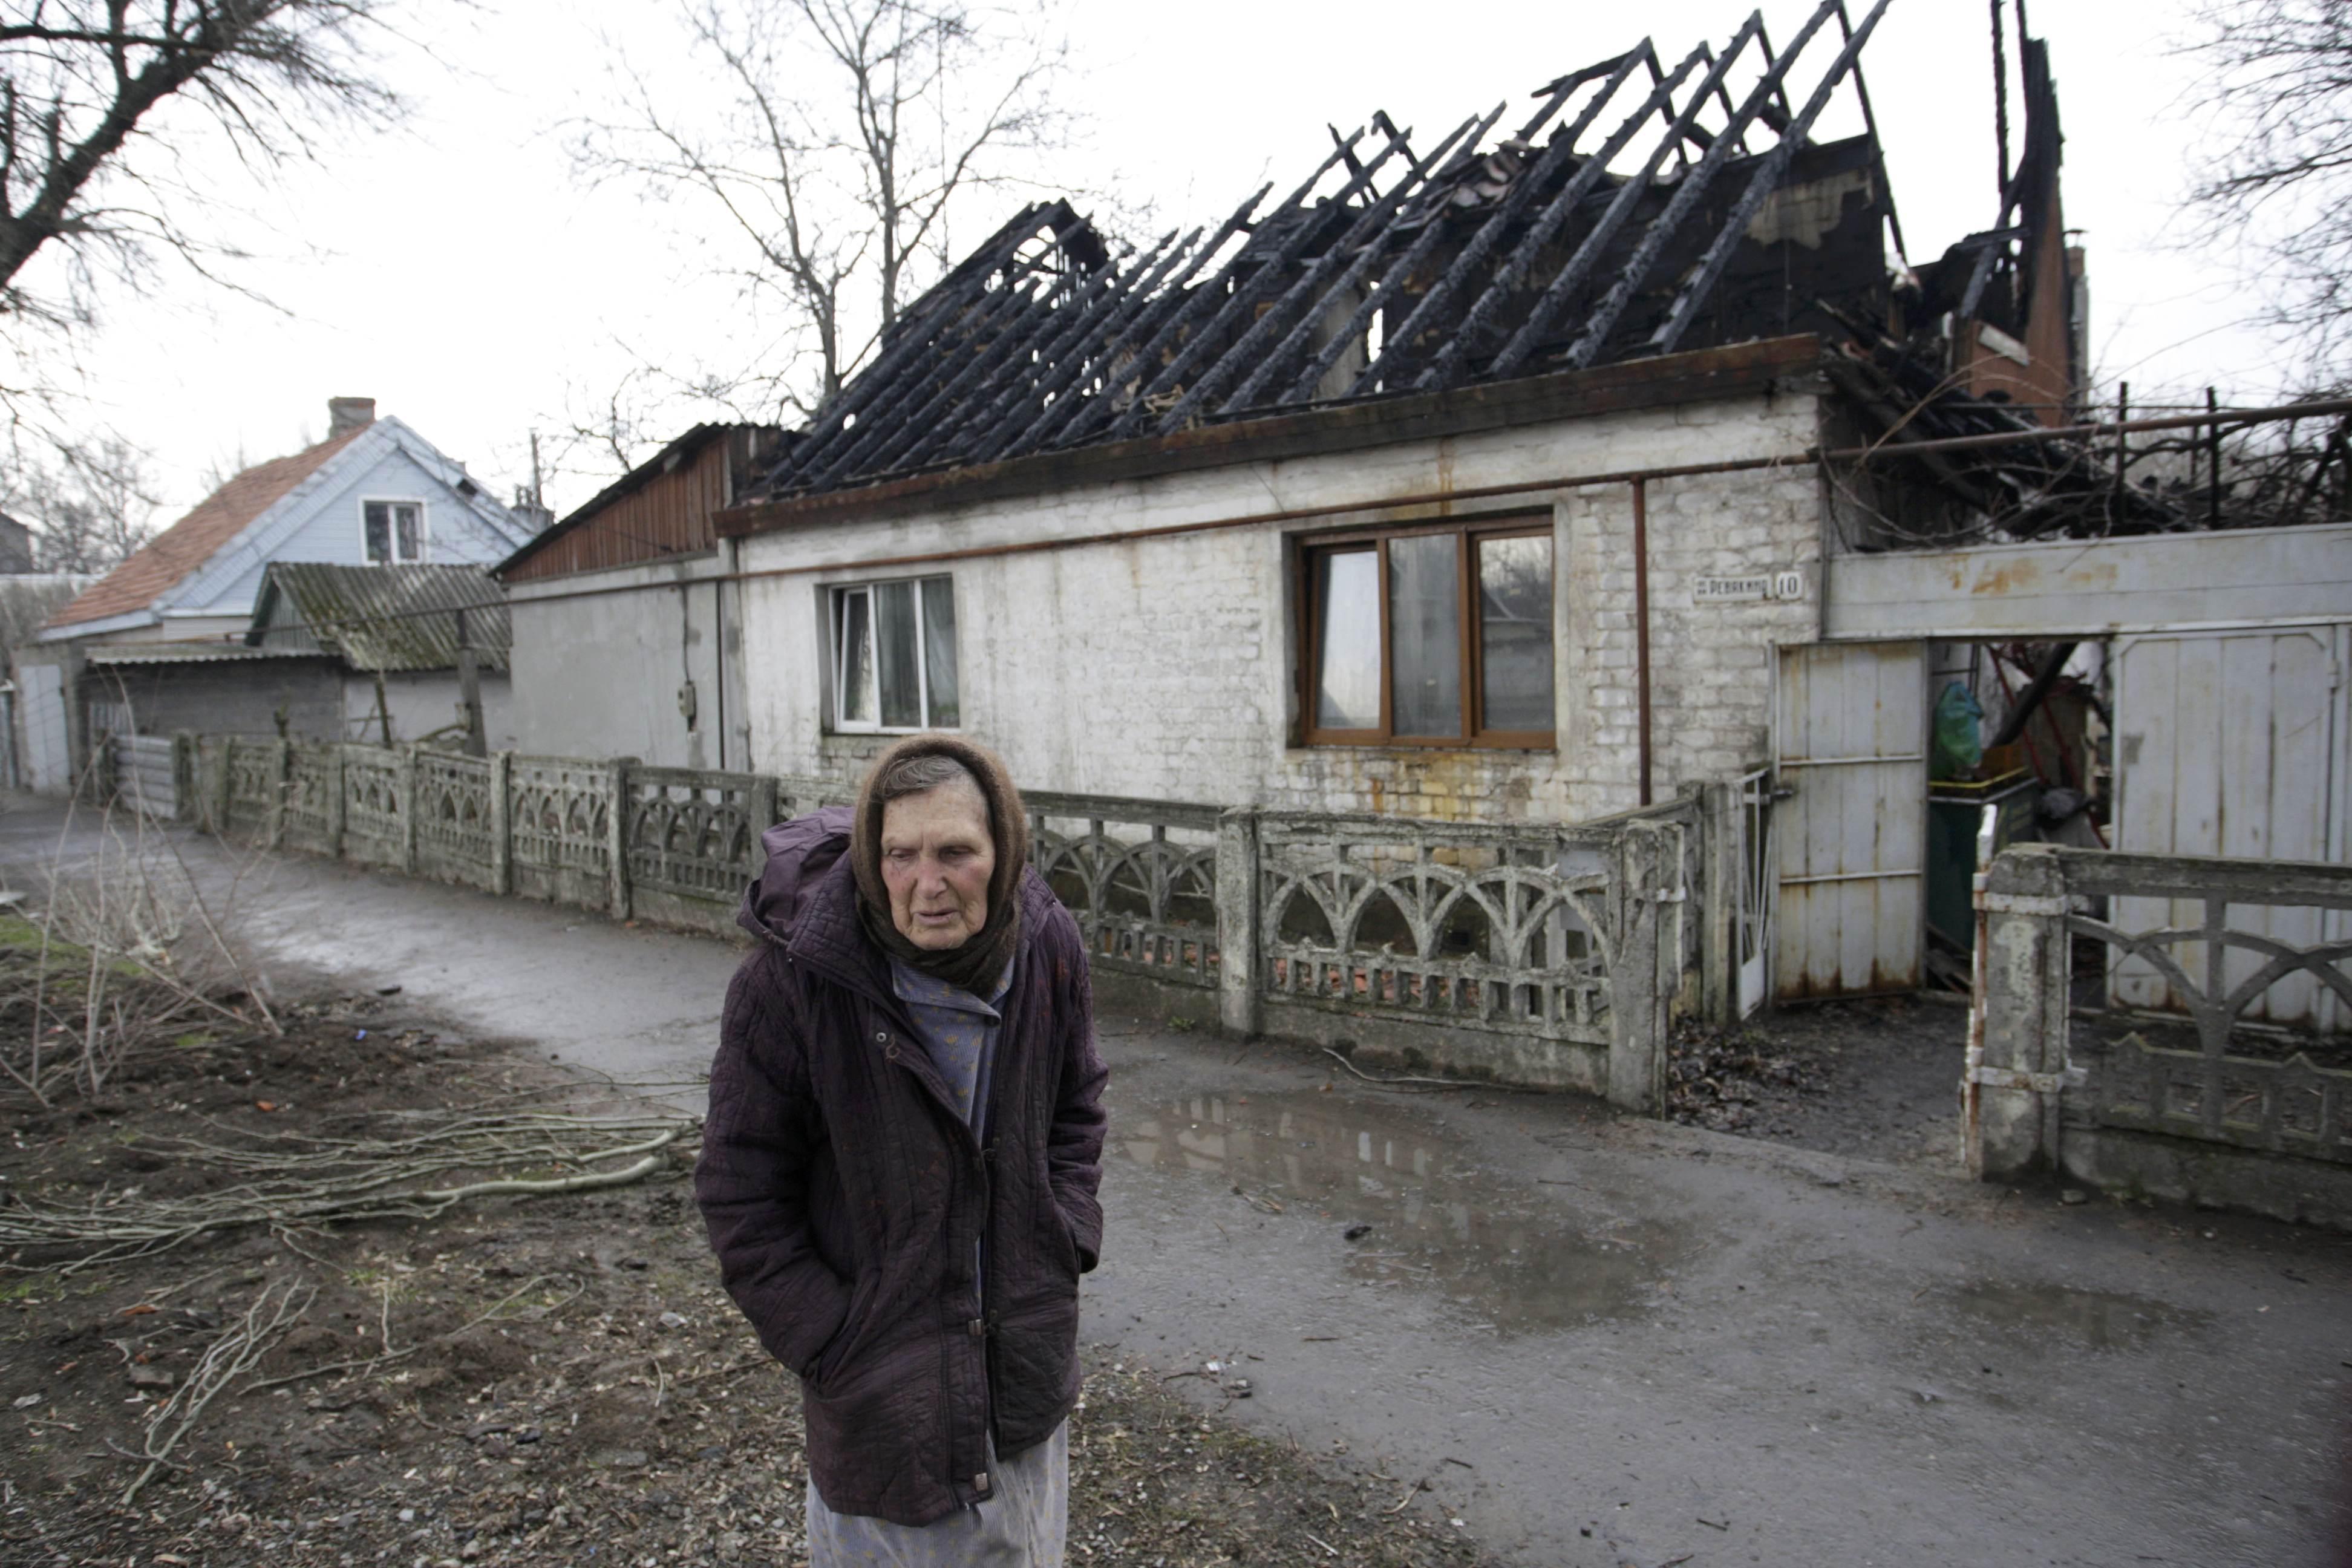 Оккупированный боевиками Донецк, иллюстрация.